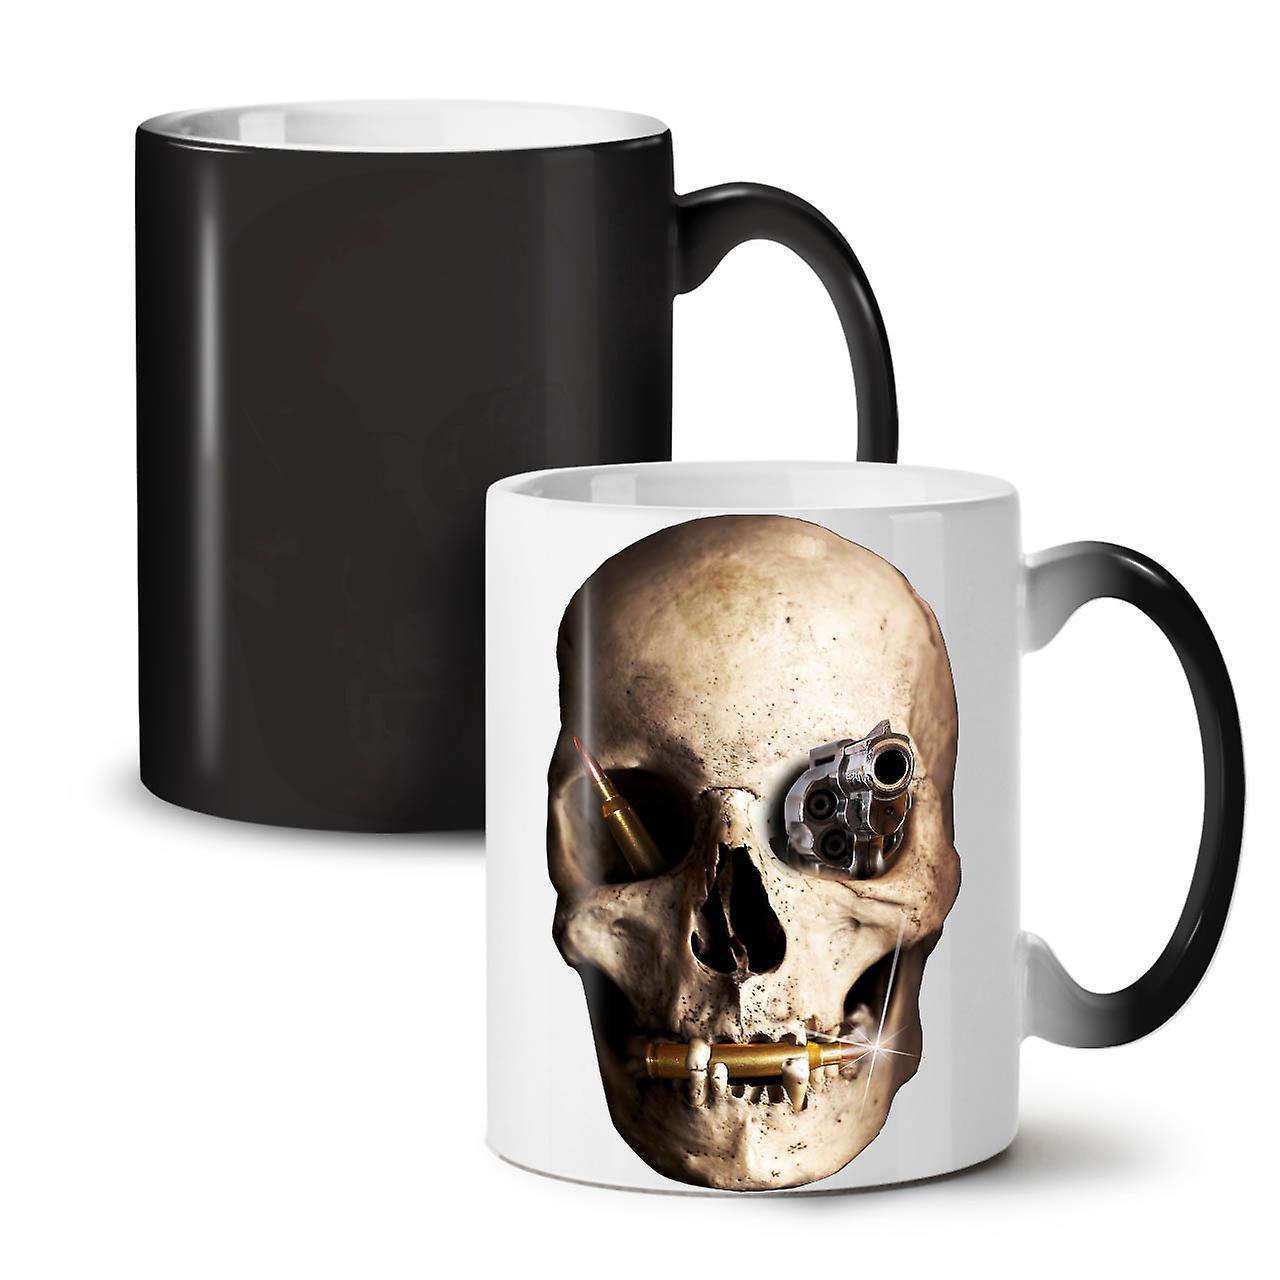 Tasse Noir Thé Céramique Couleur Gun Nouveau De 11 Death OzWellcoda Changeant Café Skull Metal qUVGMpSz